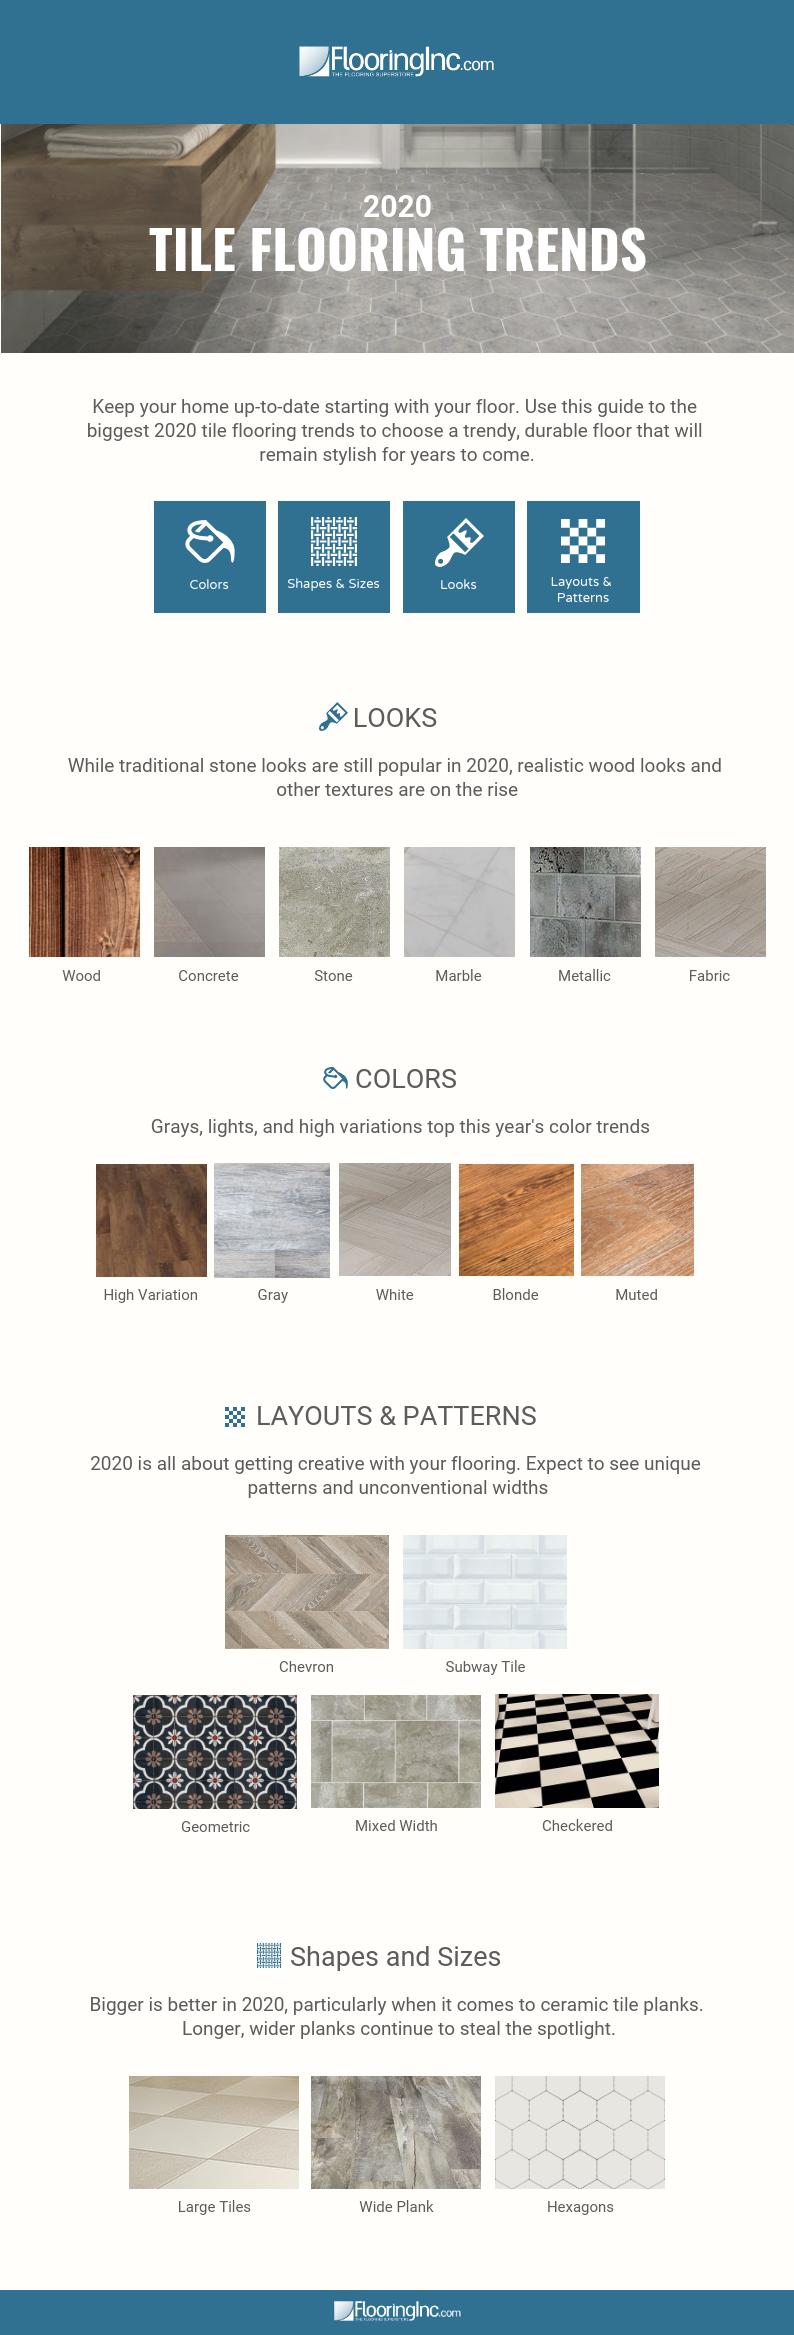 FlooringInc 2020 tile flooring trends